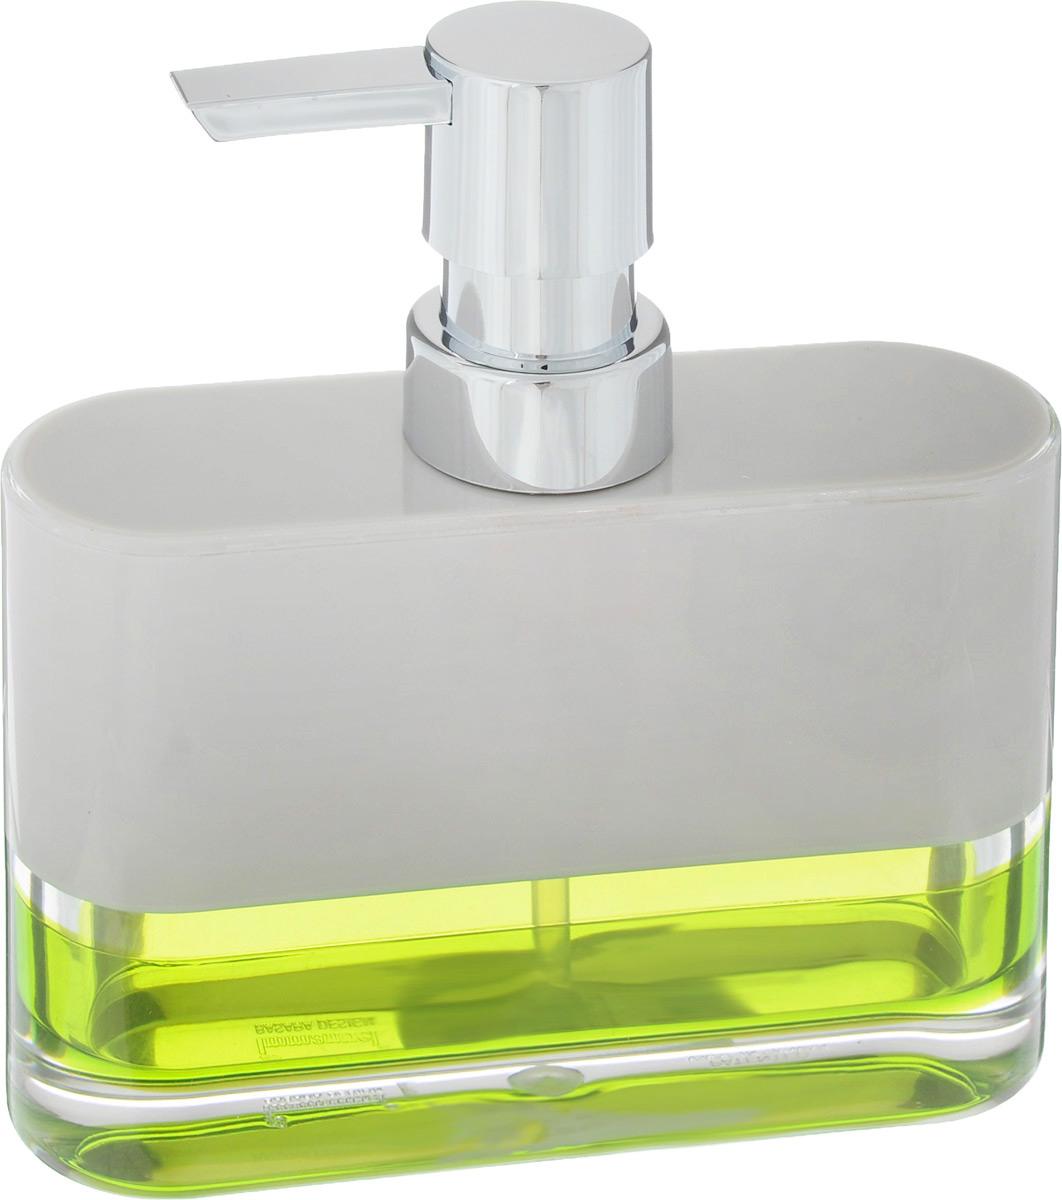 Дозатор для жидкого мыла Tatkraft Topaz GreenRG-D31SДозатор для жидкого мыла Tatkraft Topaz Green изготовлен из акрила. Основание дополнено яркой вставкой. Такой аксессуар очень удобен в использовании: достаточно лишь перелить жидкое мыло в дозатор, а когда необходимо использование мыла, легким нажатием выдавить нужное количество. Дозатор Tatkraft Topaz Green станет стильным аксессуаром и красиво дополнит интерьер ванной комнаты.